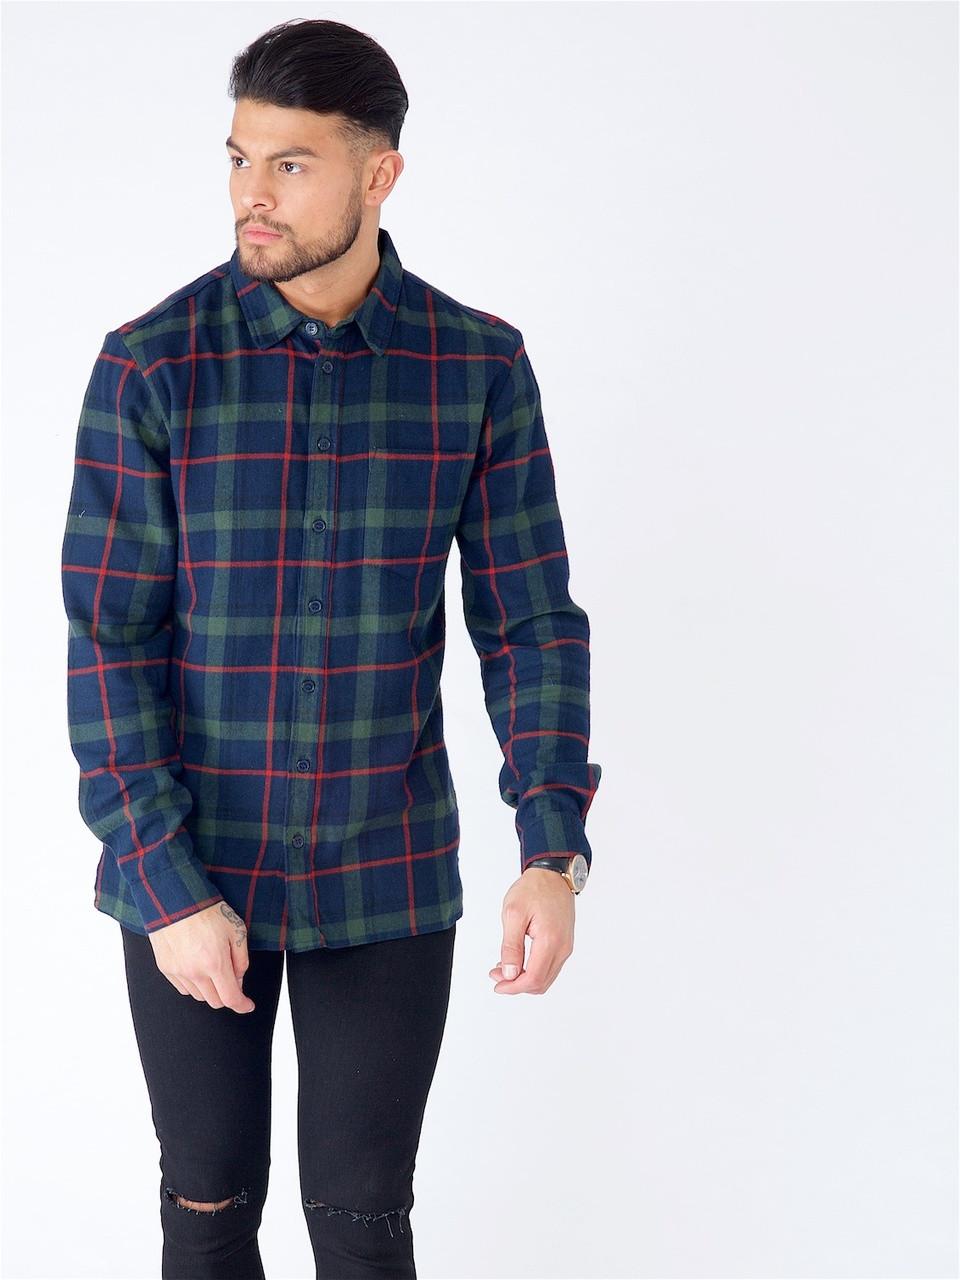 Navy Green Flannel Tartan Check Shirt